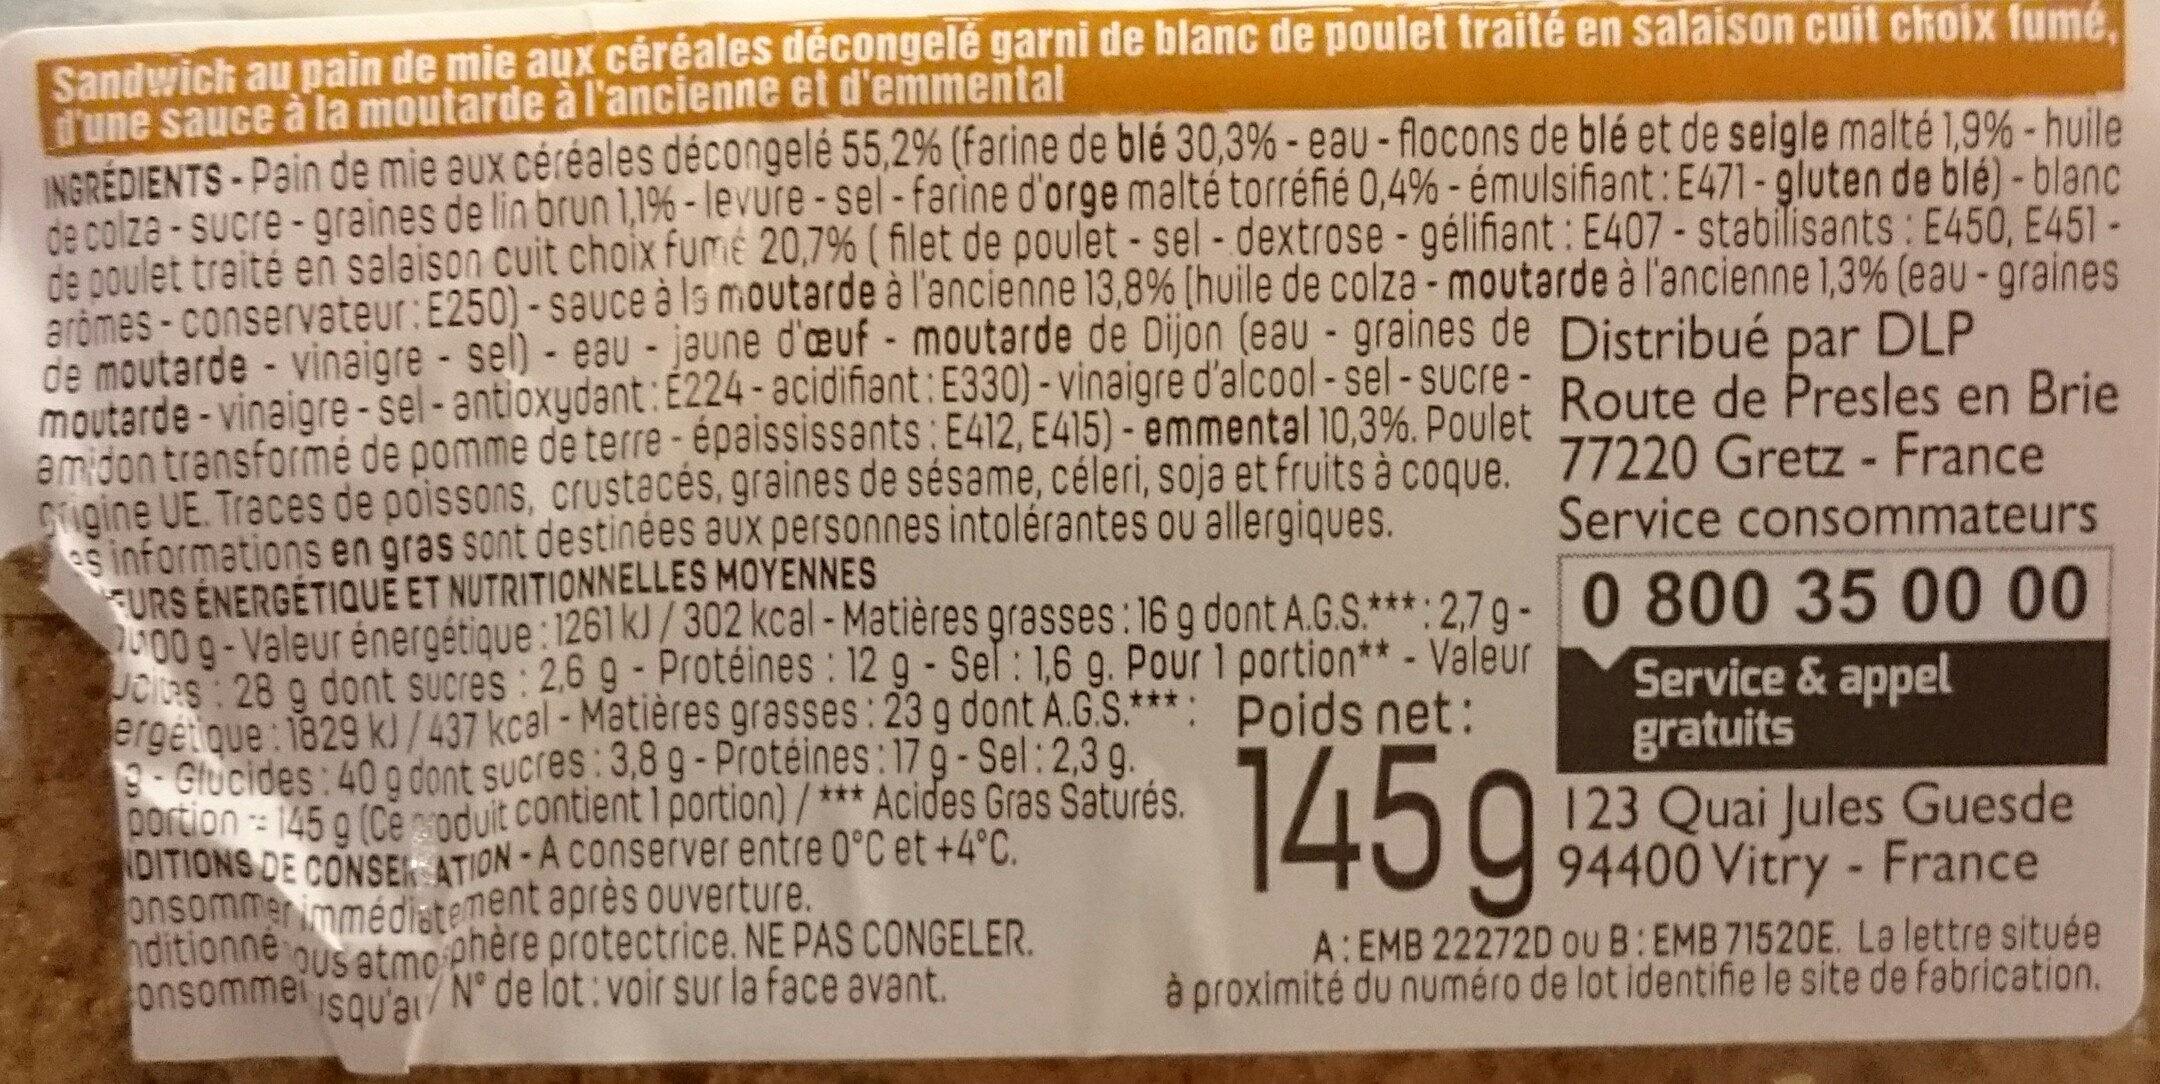 Sandwich poulet fumé Emmental - Valori nutrizionali - fr